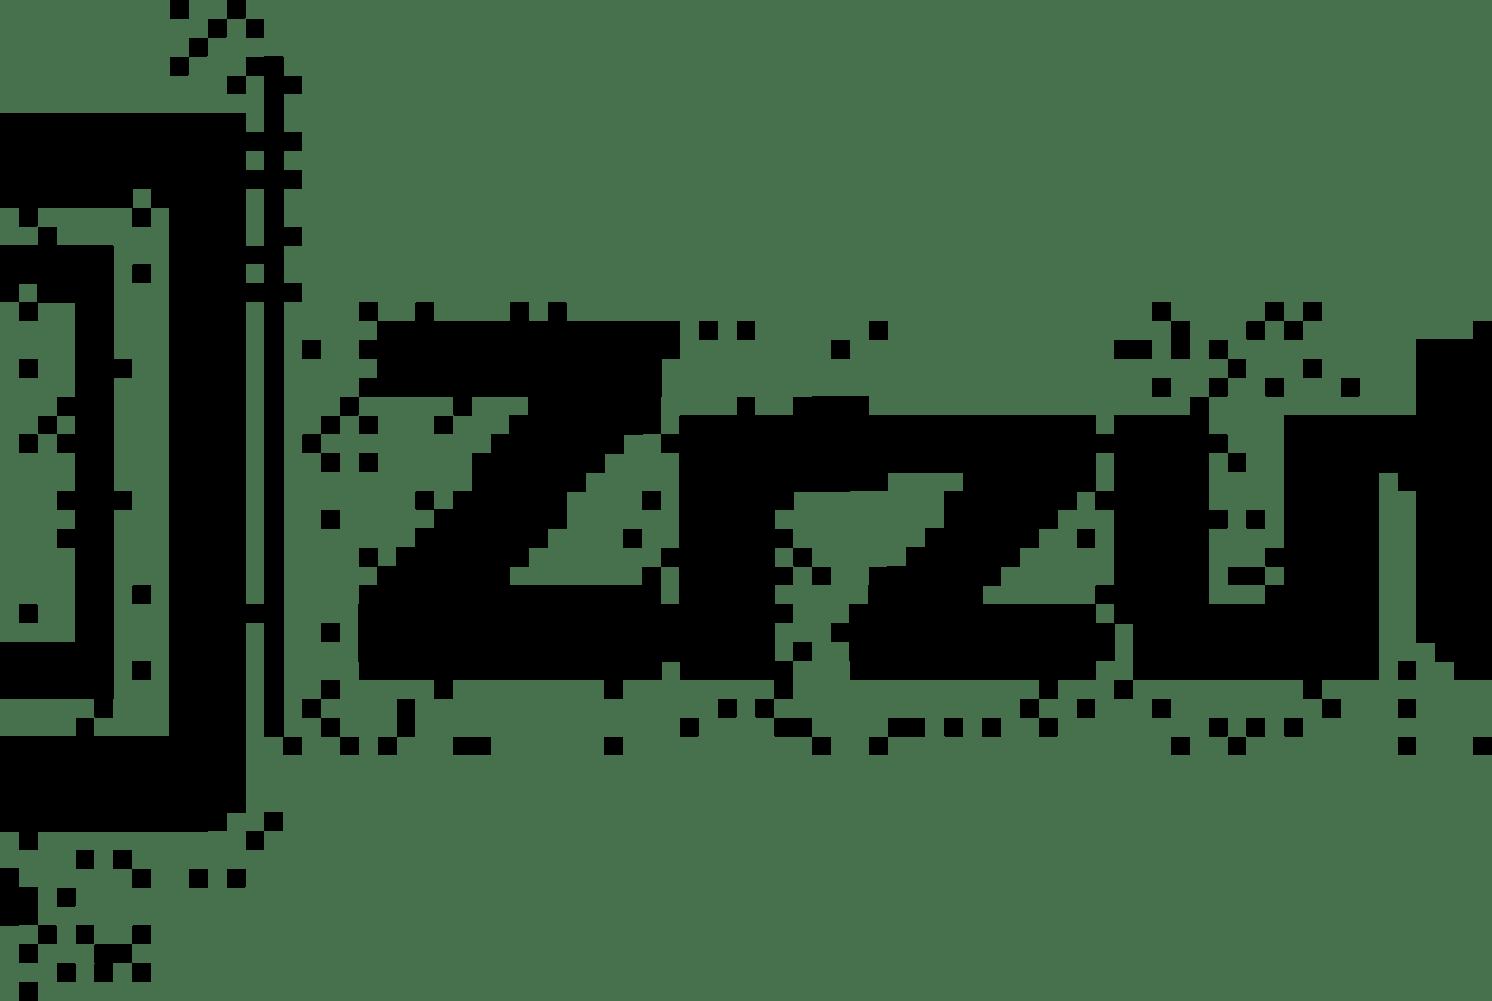 Najnowsze Kuchnia Ikea - czy warto? Jak wygląda planowanie i wymiarowanie? VG95